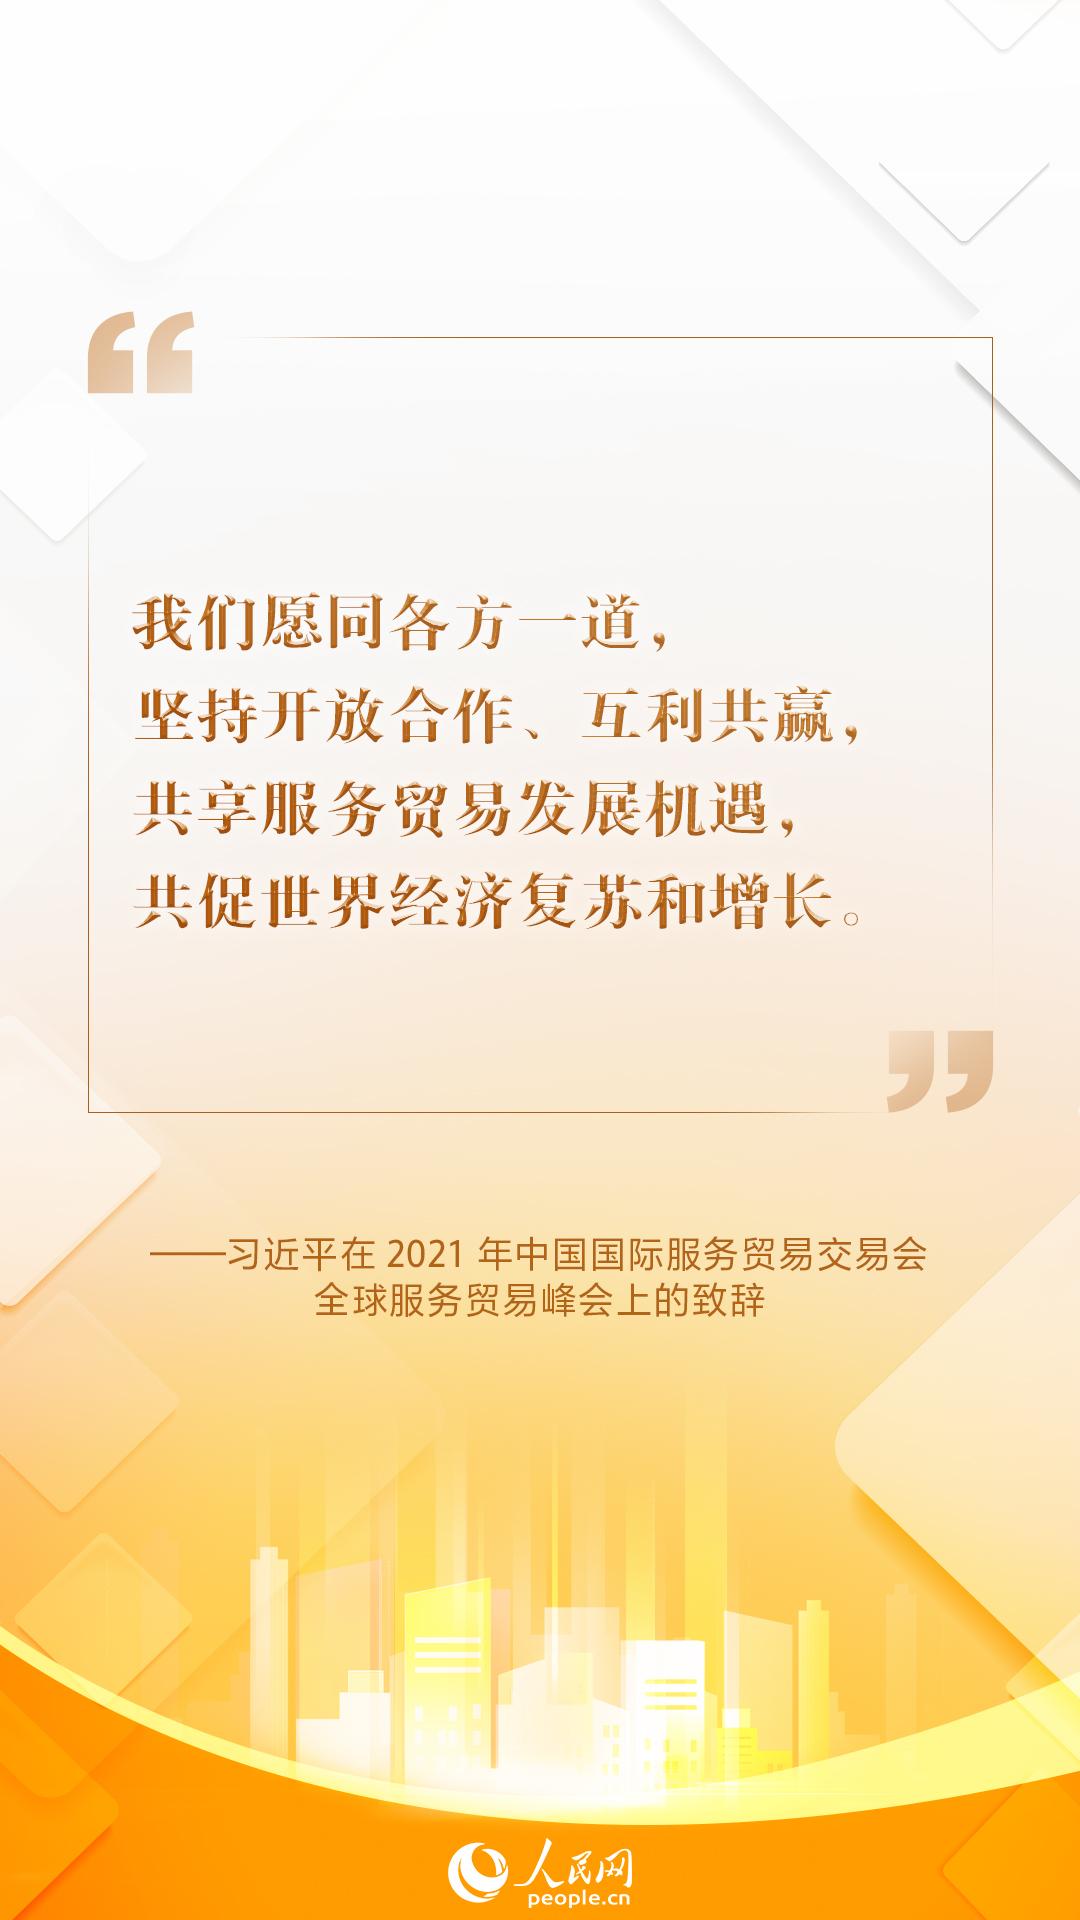 盛煌官方:要点来了!习近平在2021年中国国际服务贸易交易会上发表致辞(图1)